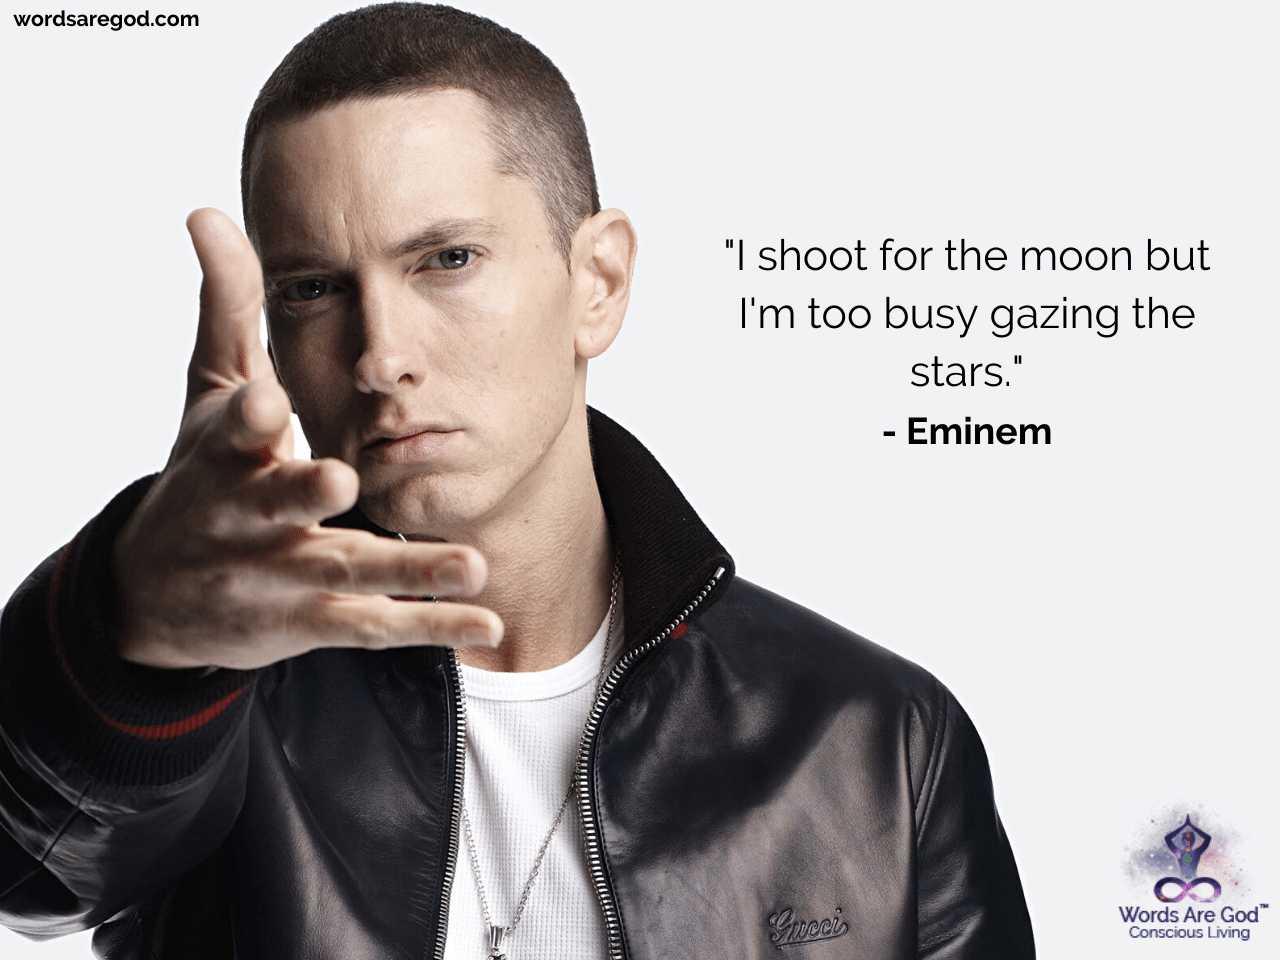 Eminem Life Quotes